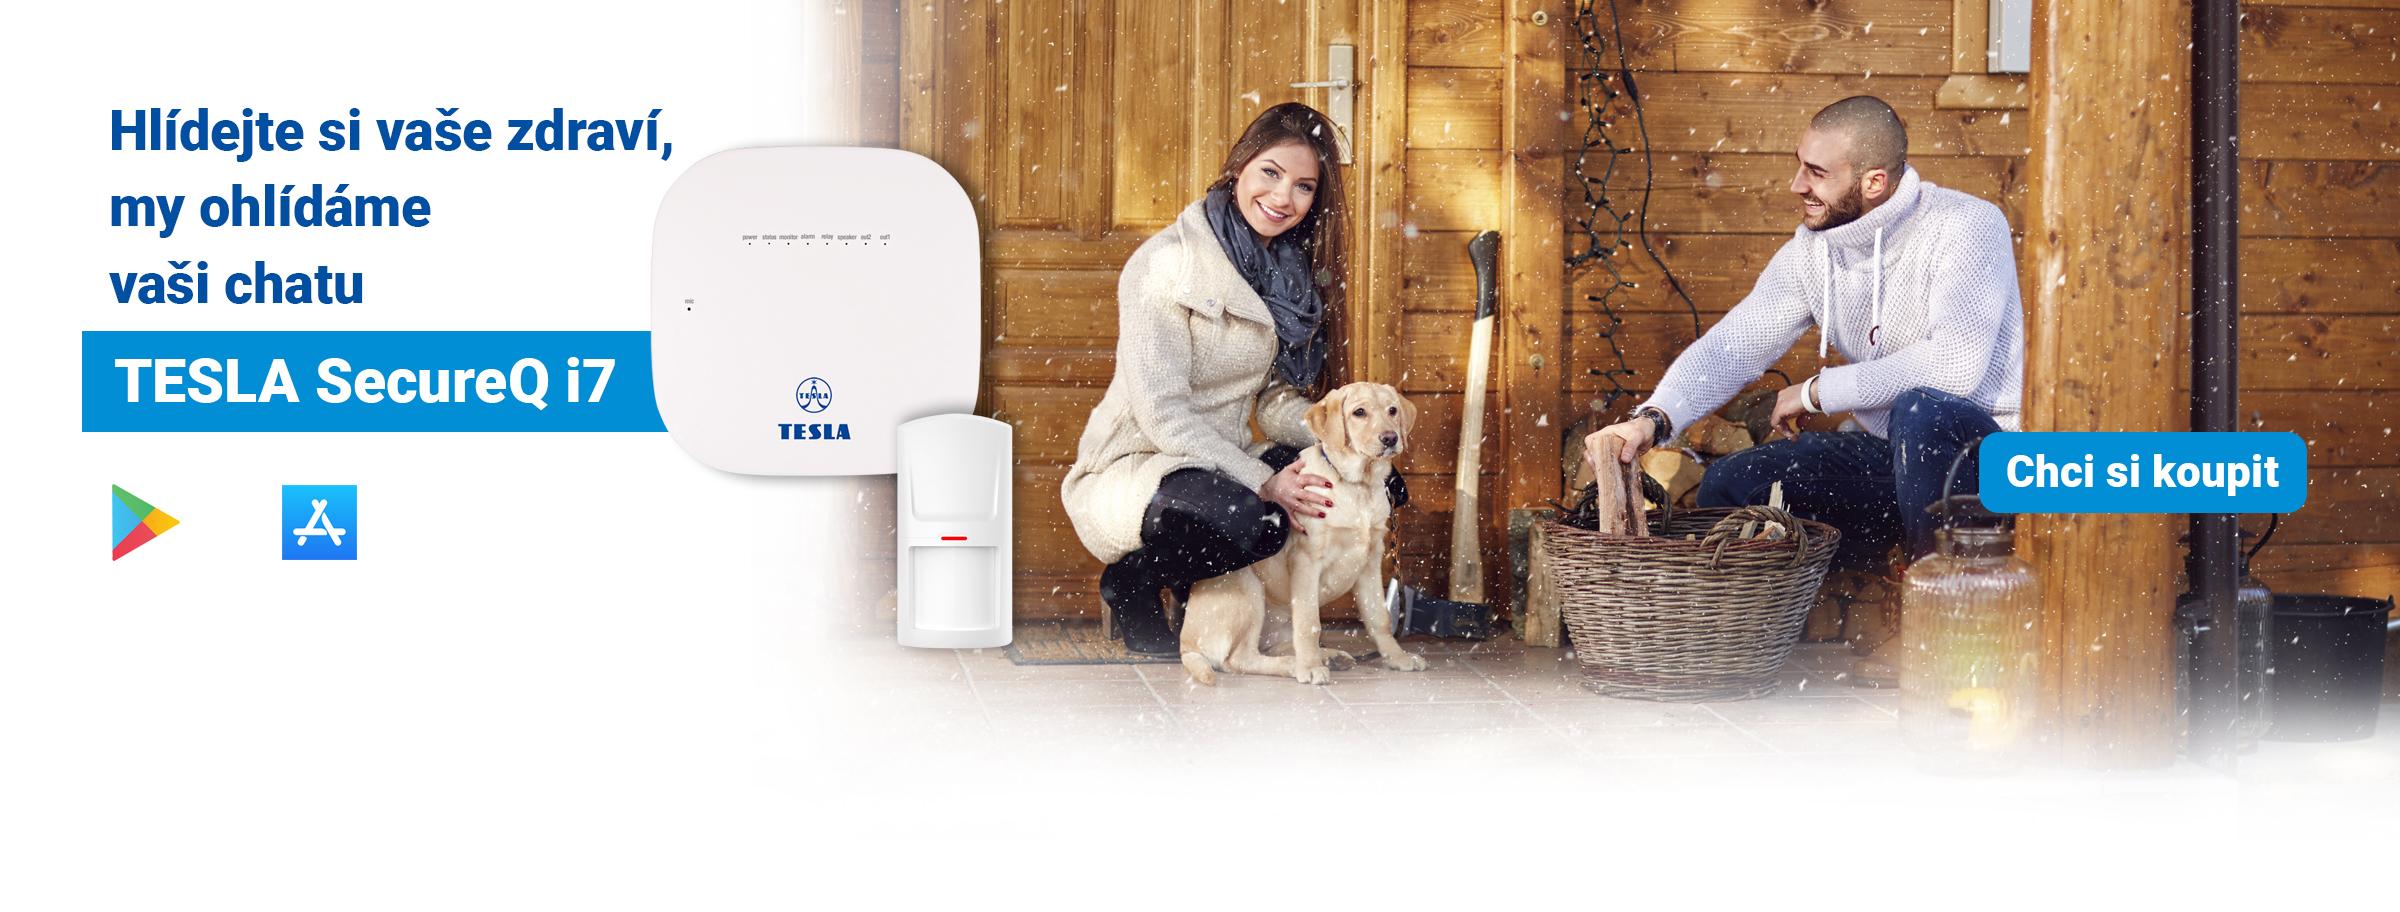 TESLA SecureQ i7 - GSM smart alarm systém